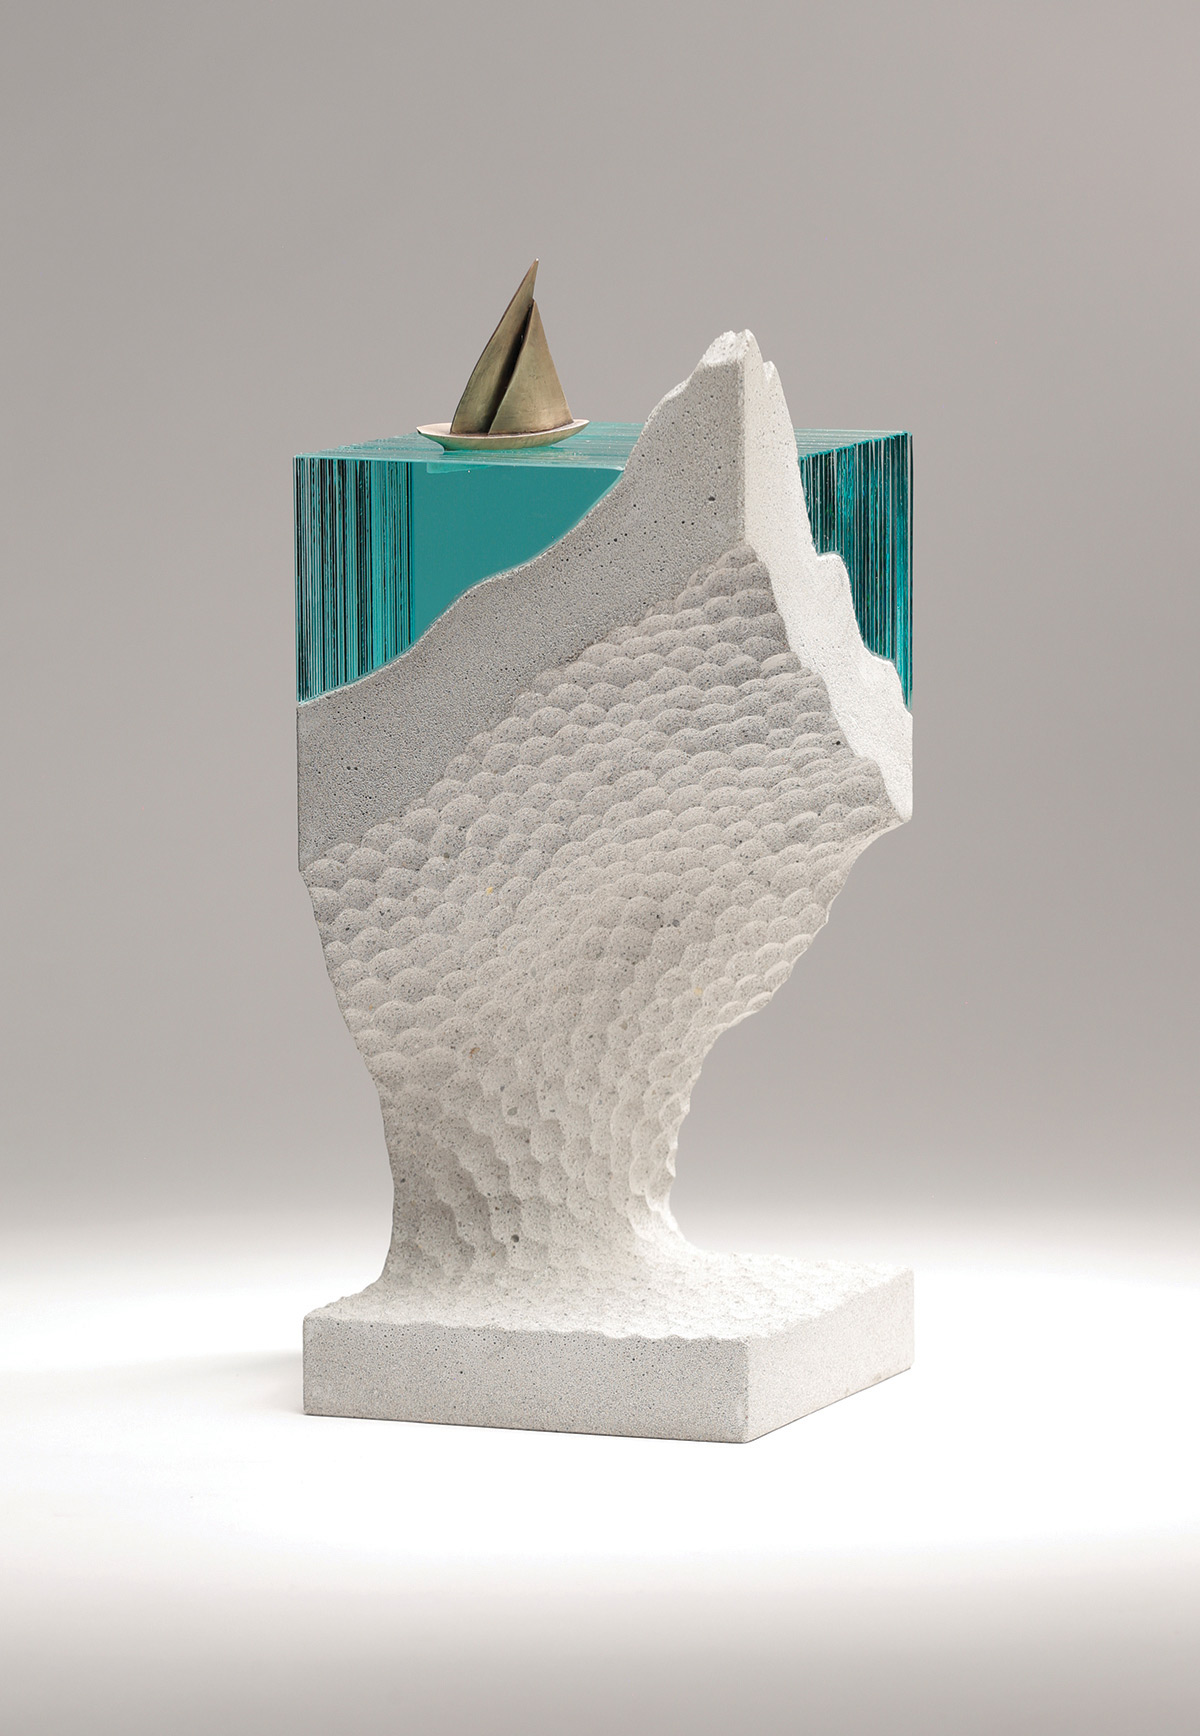 New Sculptures by Ben Young Transform Hand-Cut Glass into Aquatic Landscapes